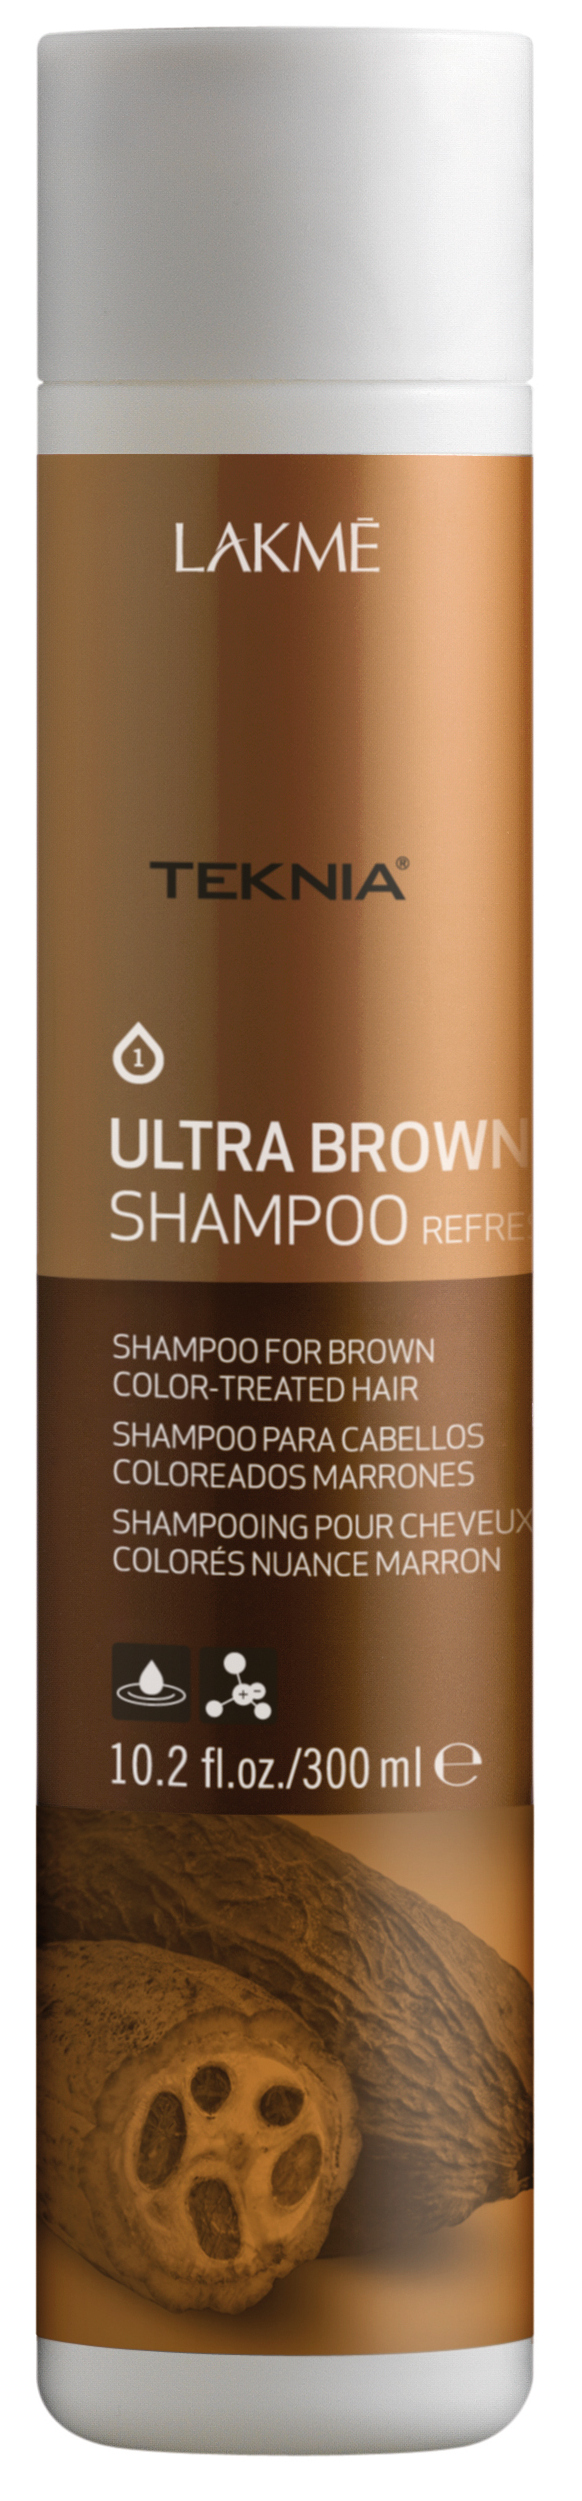 Купить LAKME Шампунь для поддержания оттенка окрашенных волос, коричневый / ULTRA BROWN SHAMPOO 300 мл